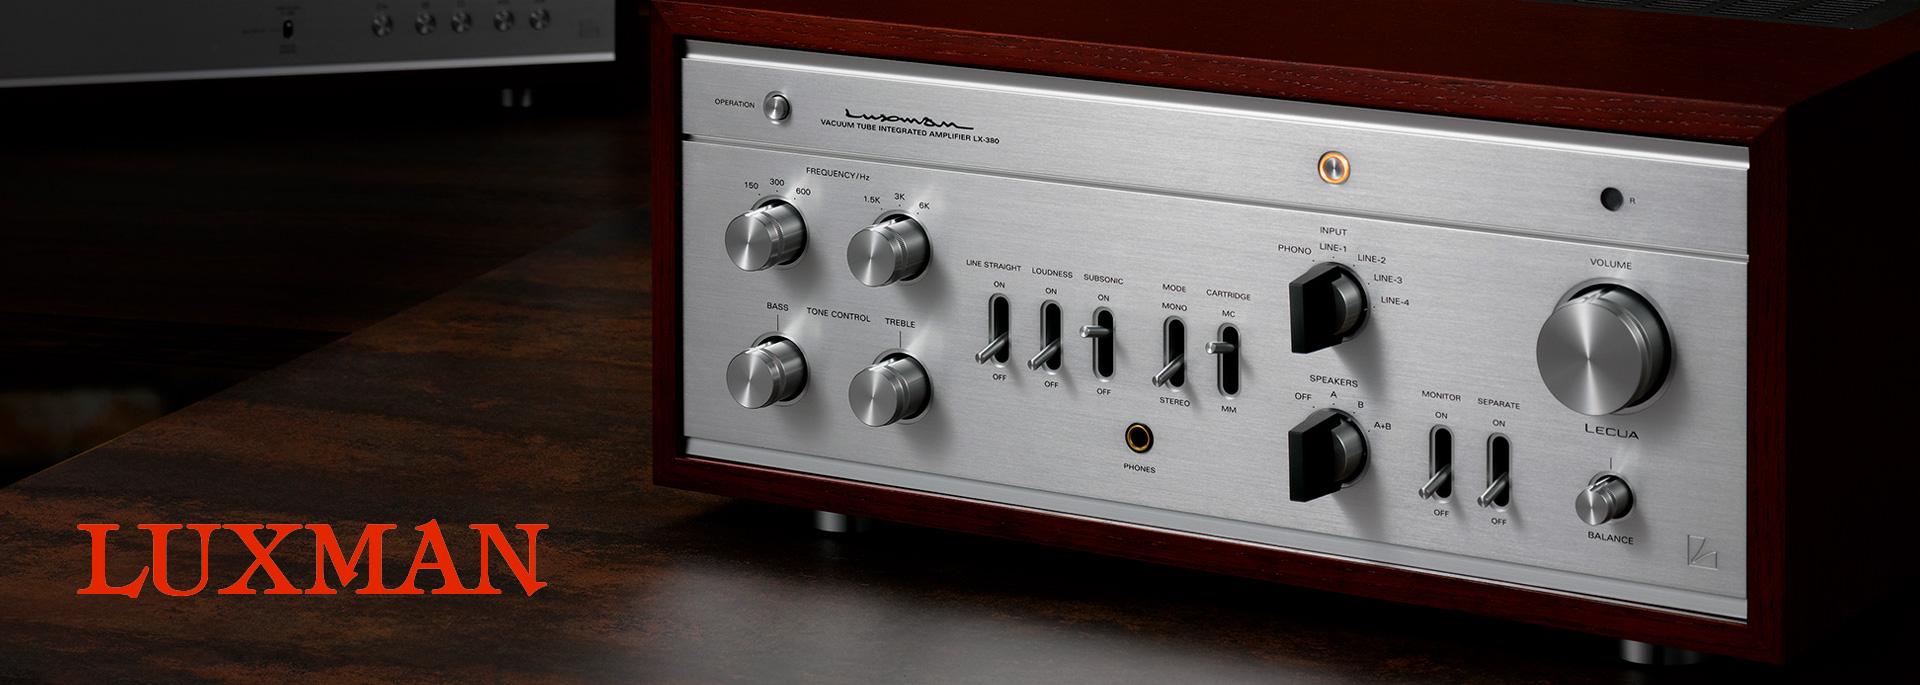 Luxman LX380